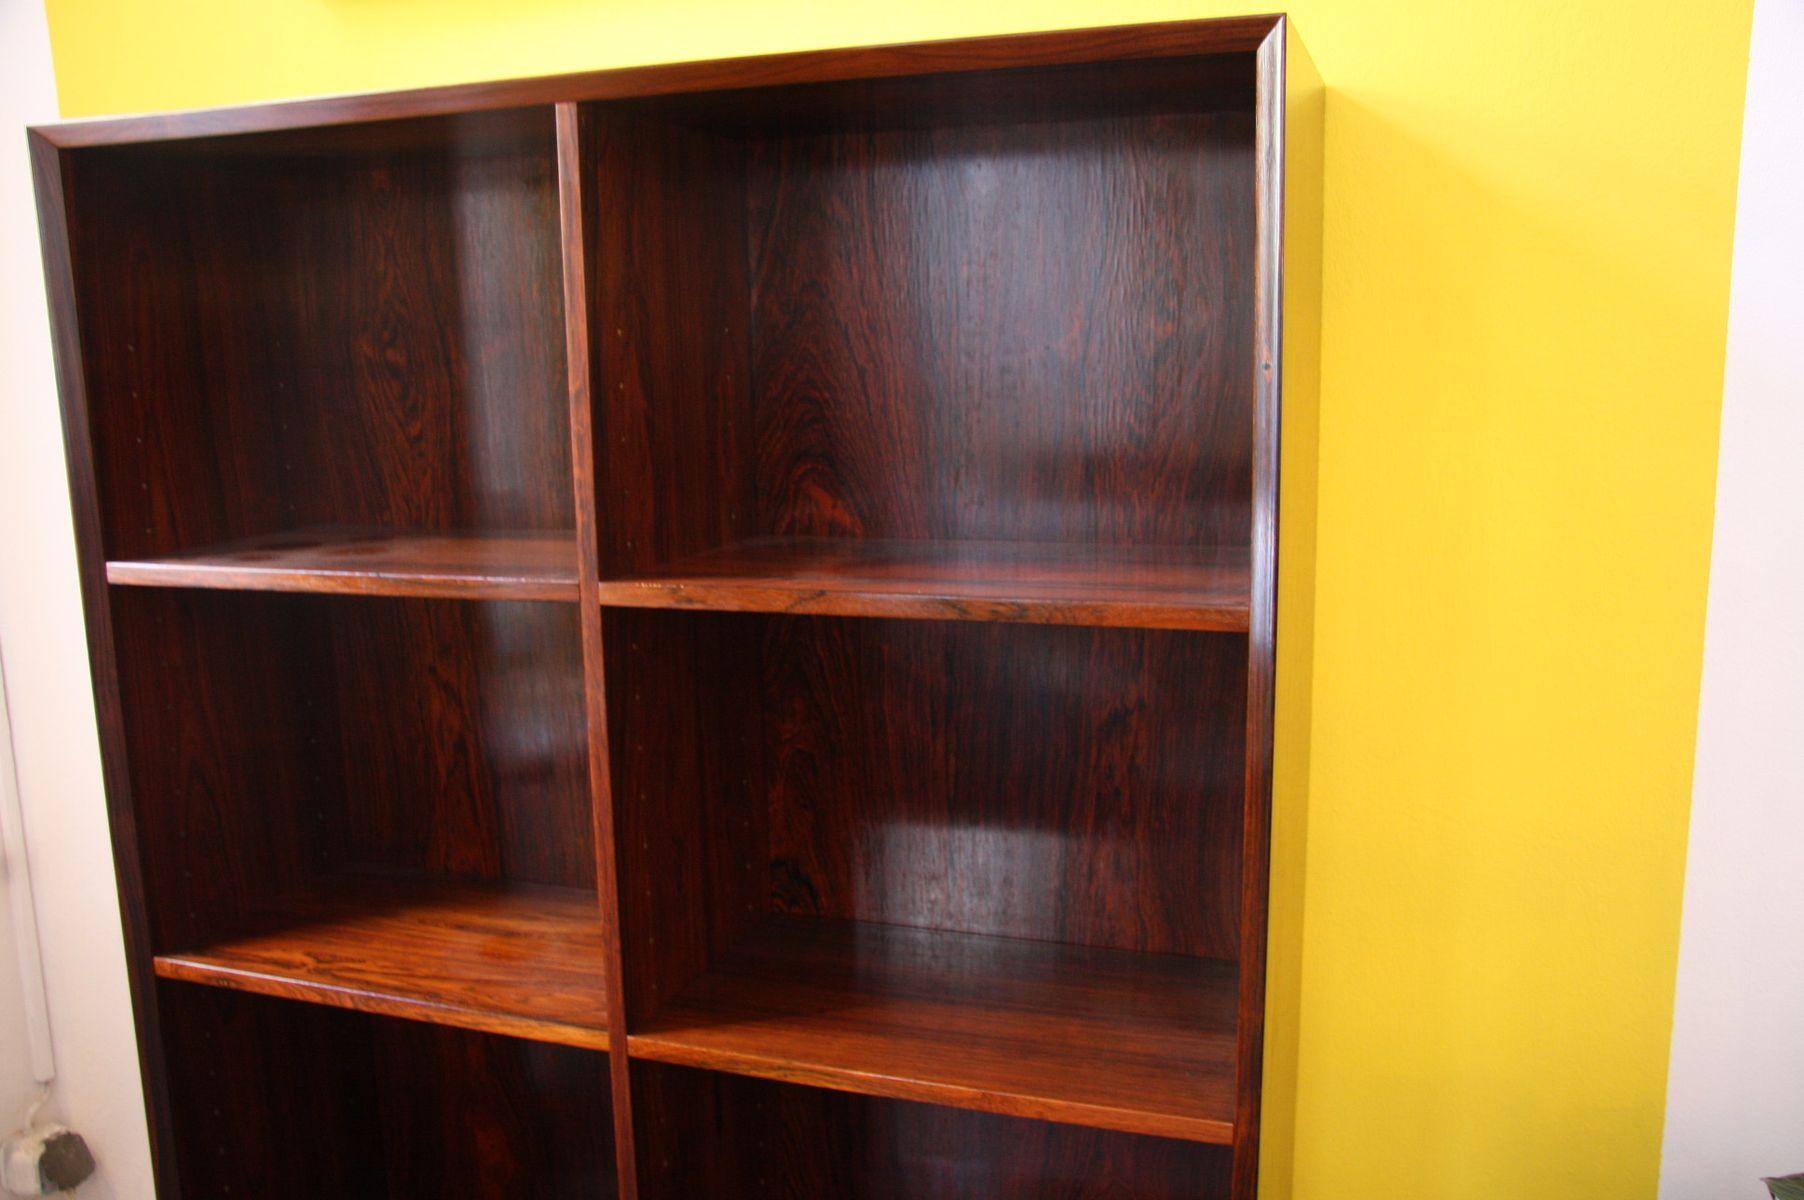 d nisches mid century regal bei pamono kaufen. Black Bedroom Furniture Sets. Home Design Ideas